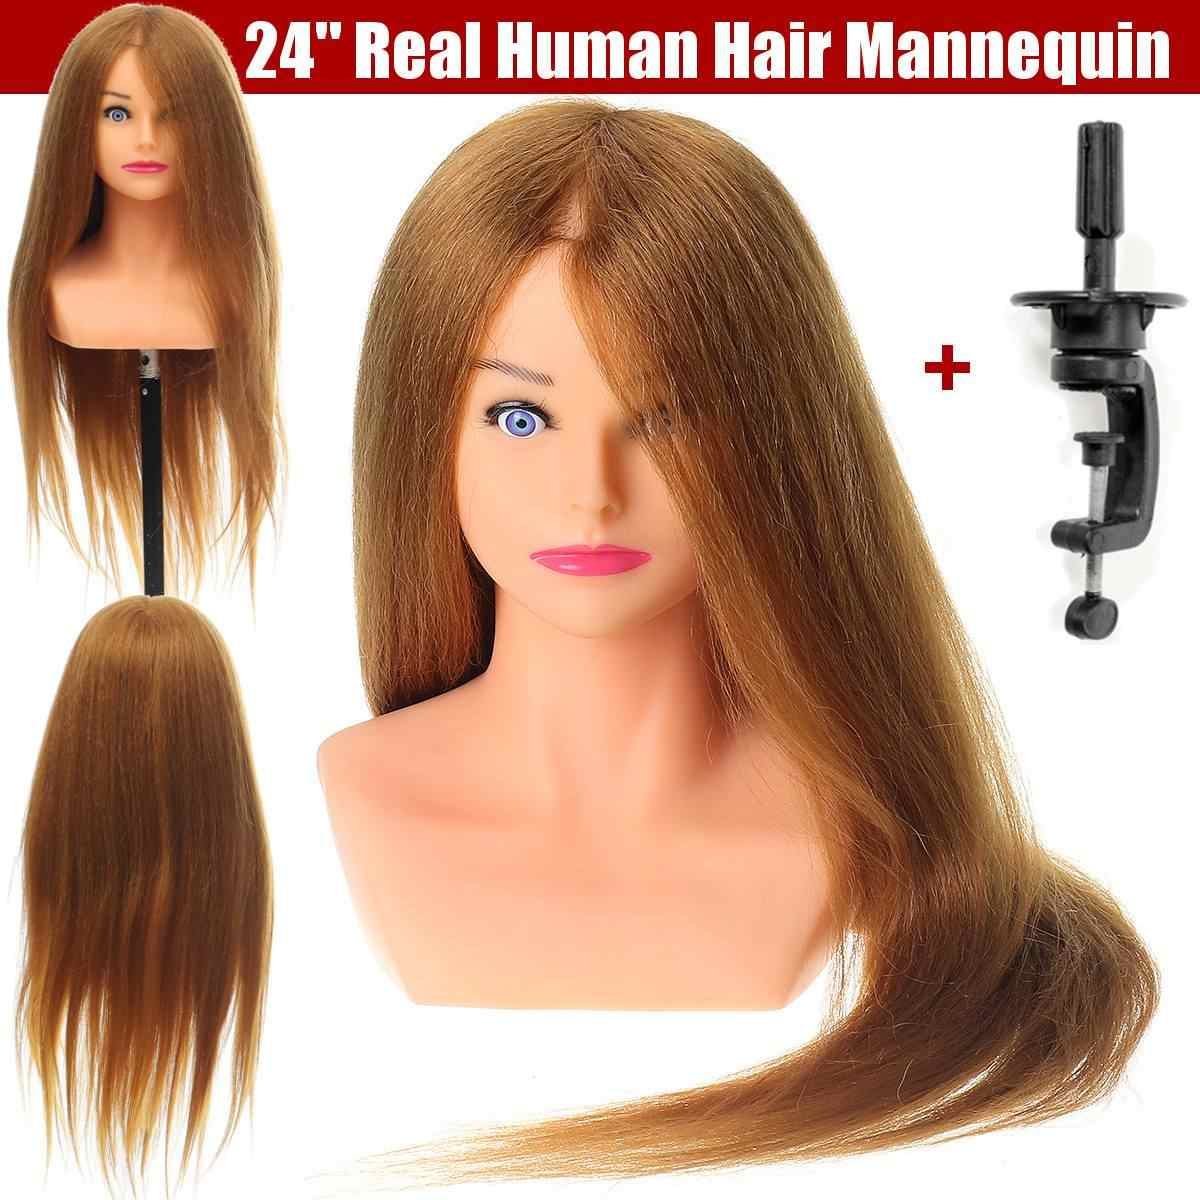 Manekin fryzjerski szef z 100% naturalne ludzkie włosy dla fryzury fryzjerzy Curling praktyka szkolenia głowy 24 cali